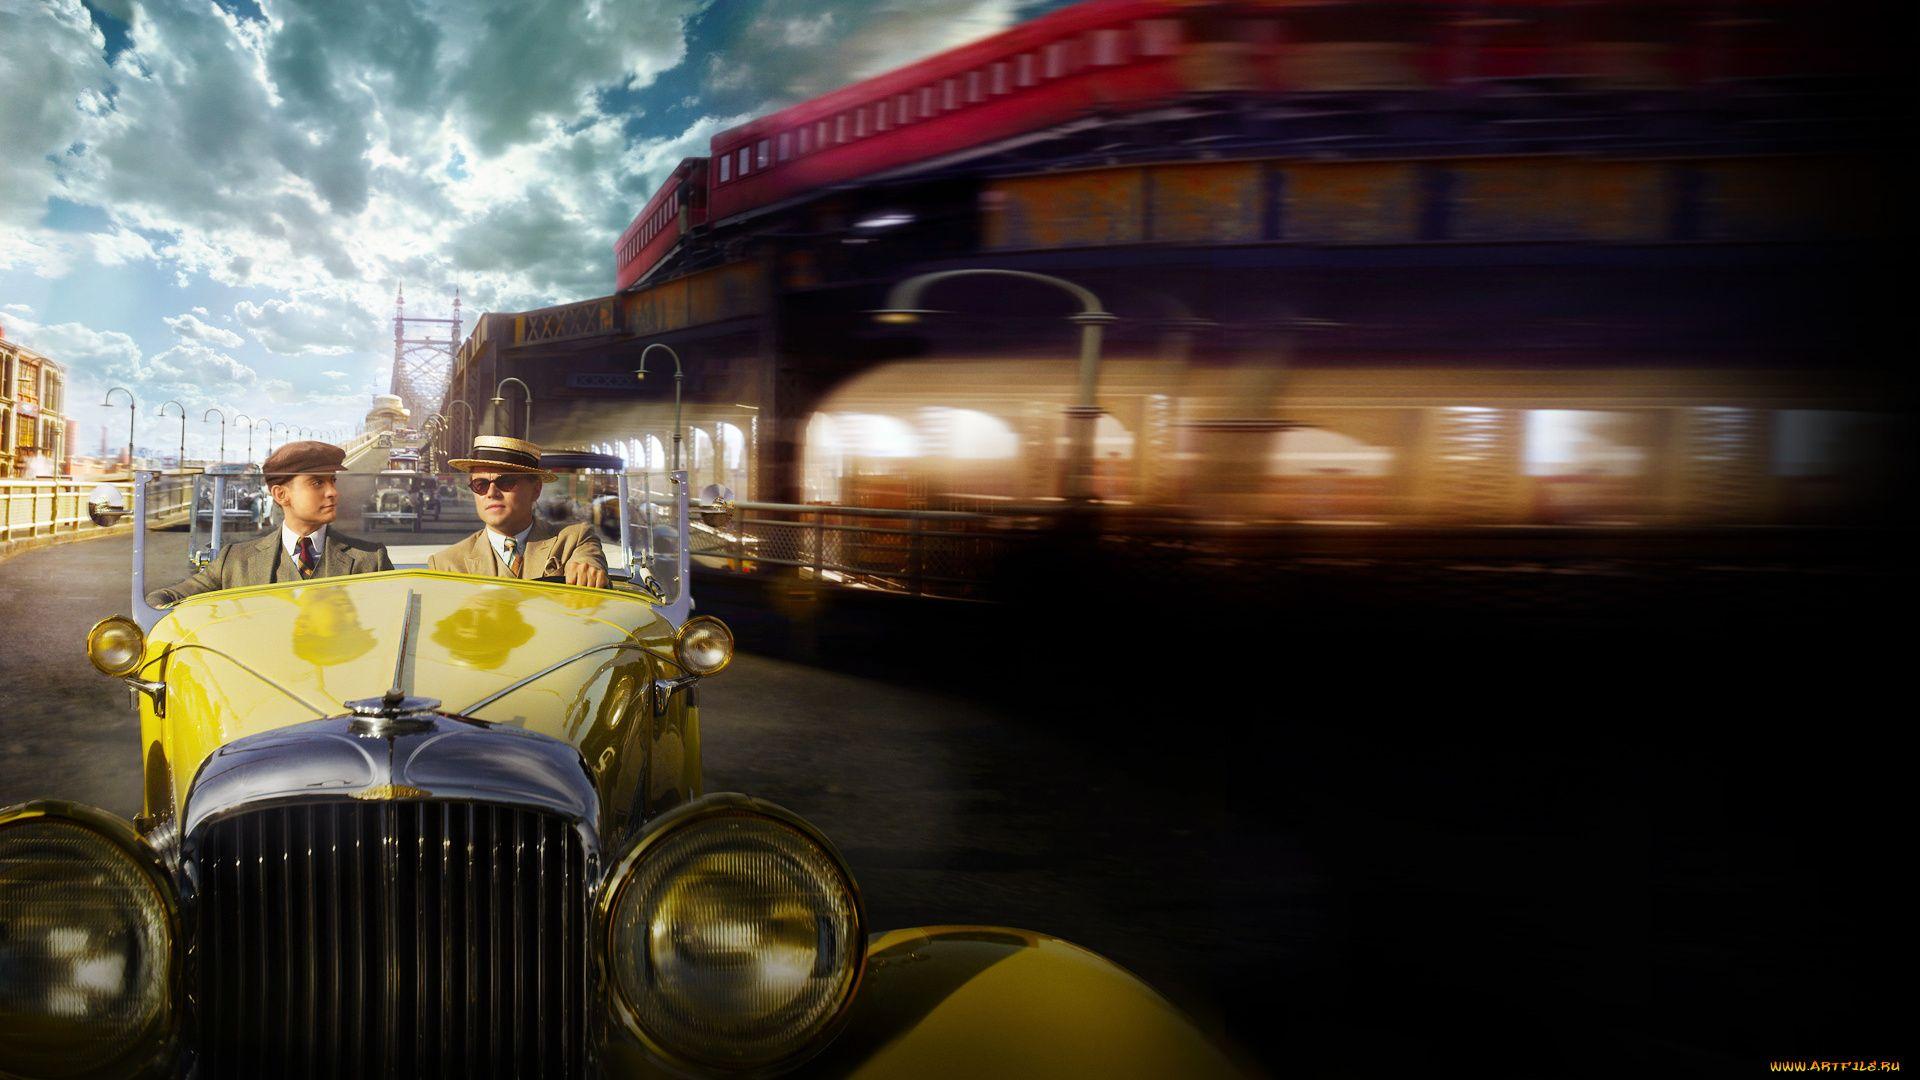 Great Gatsby Free Desktop Wallpaper